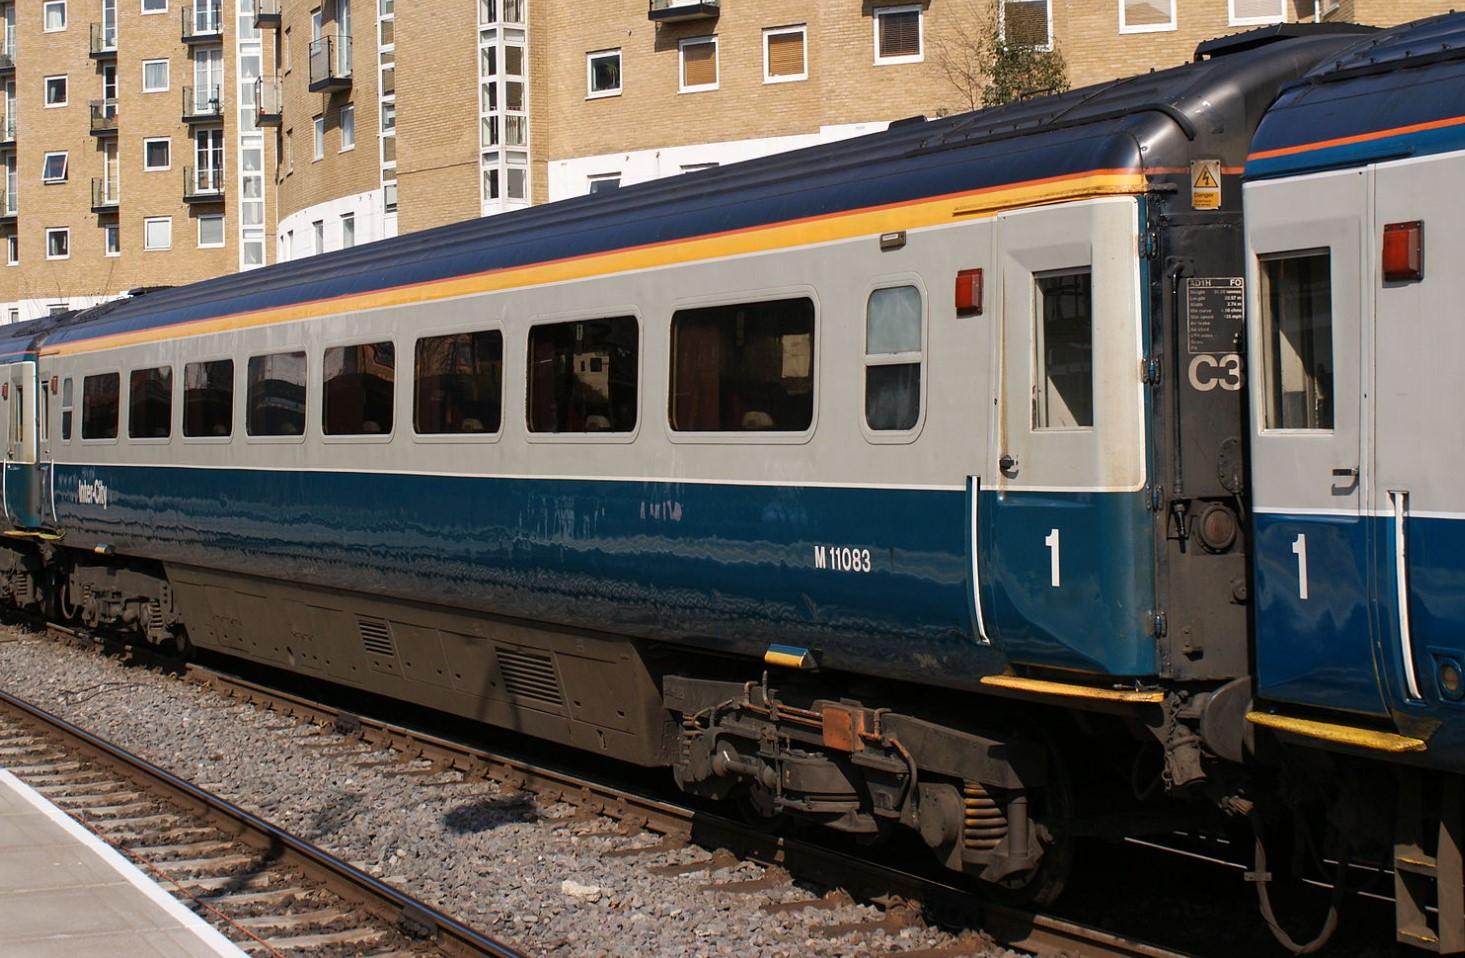 Mk3b FO M11083 at London Marylebone in March 2009. ©Hugh Llewelyn